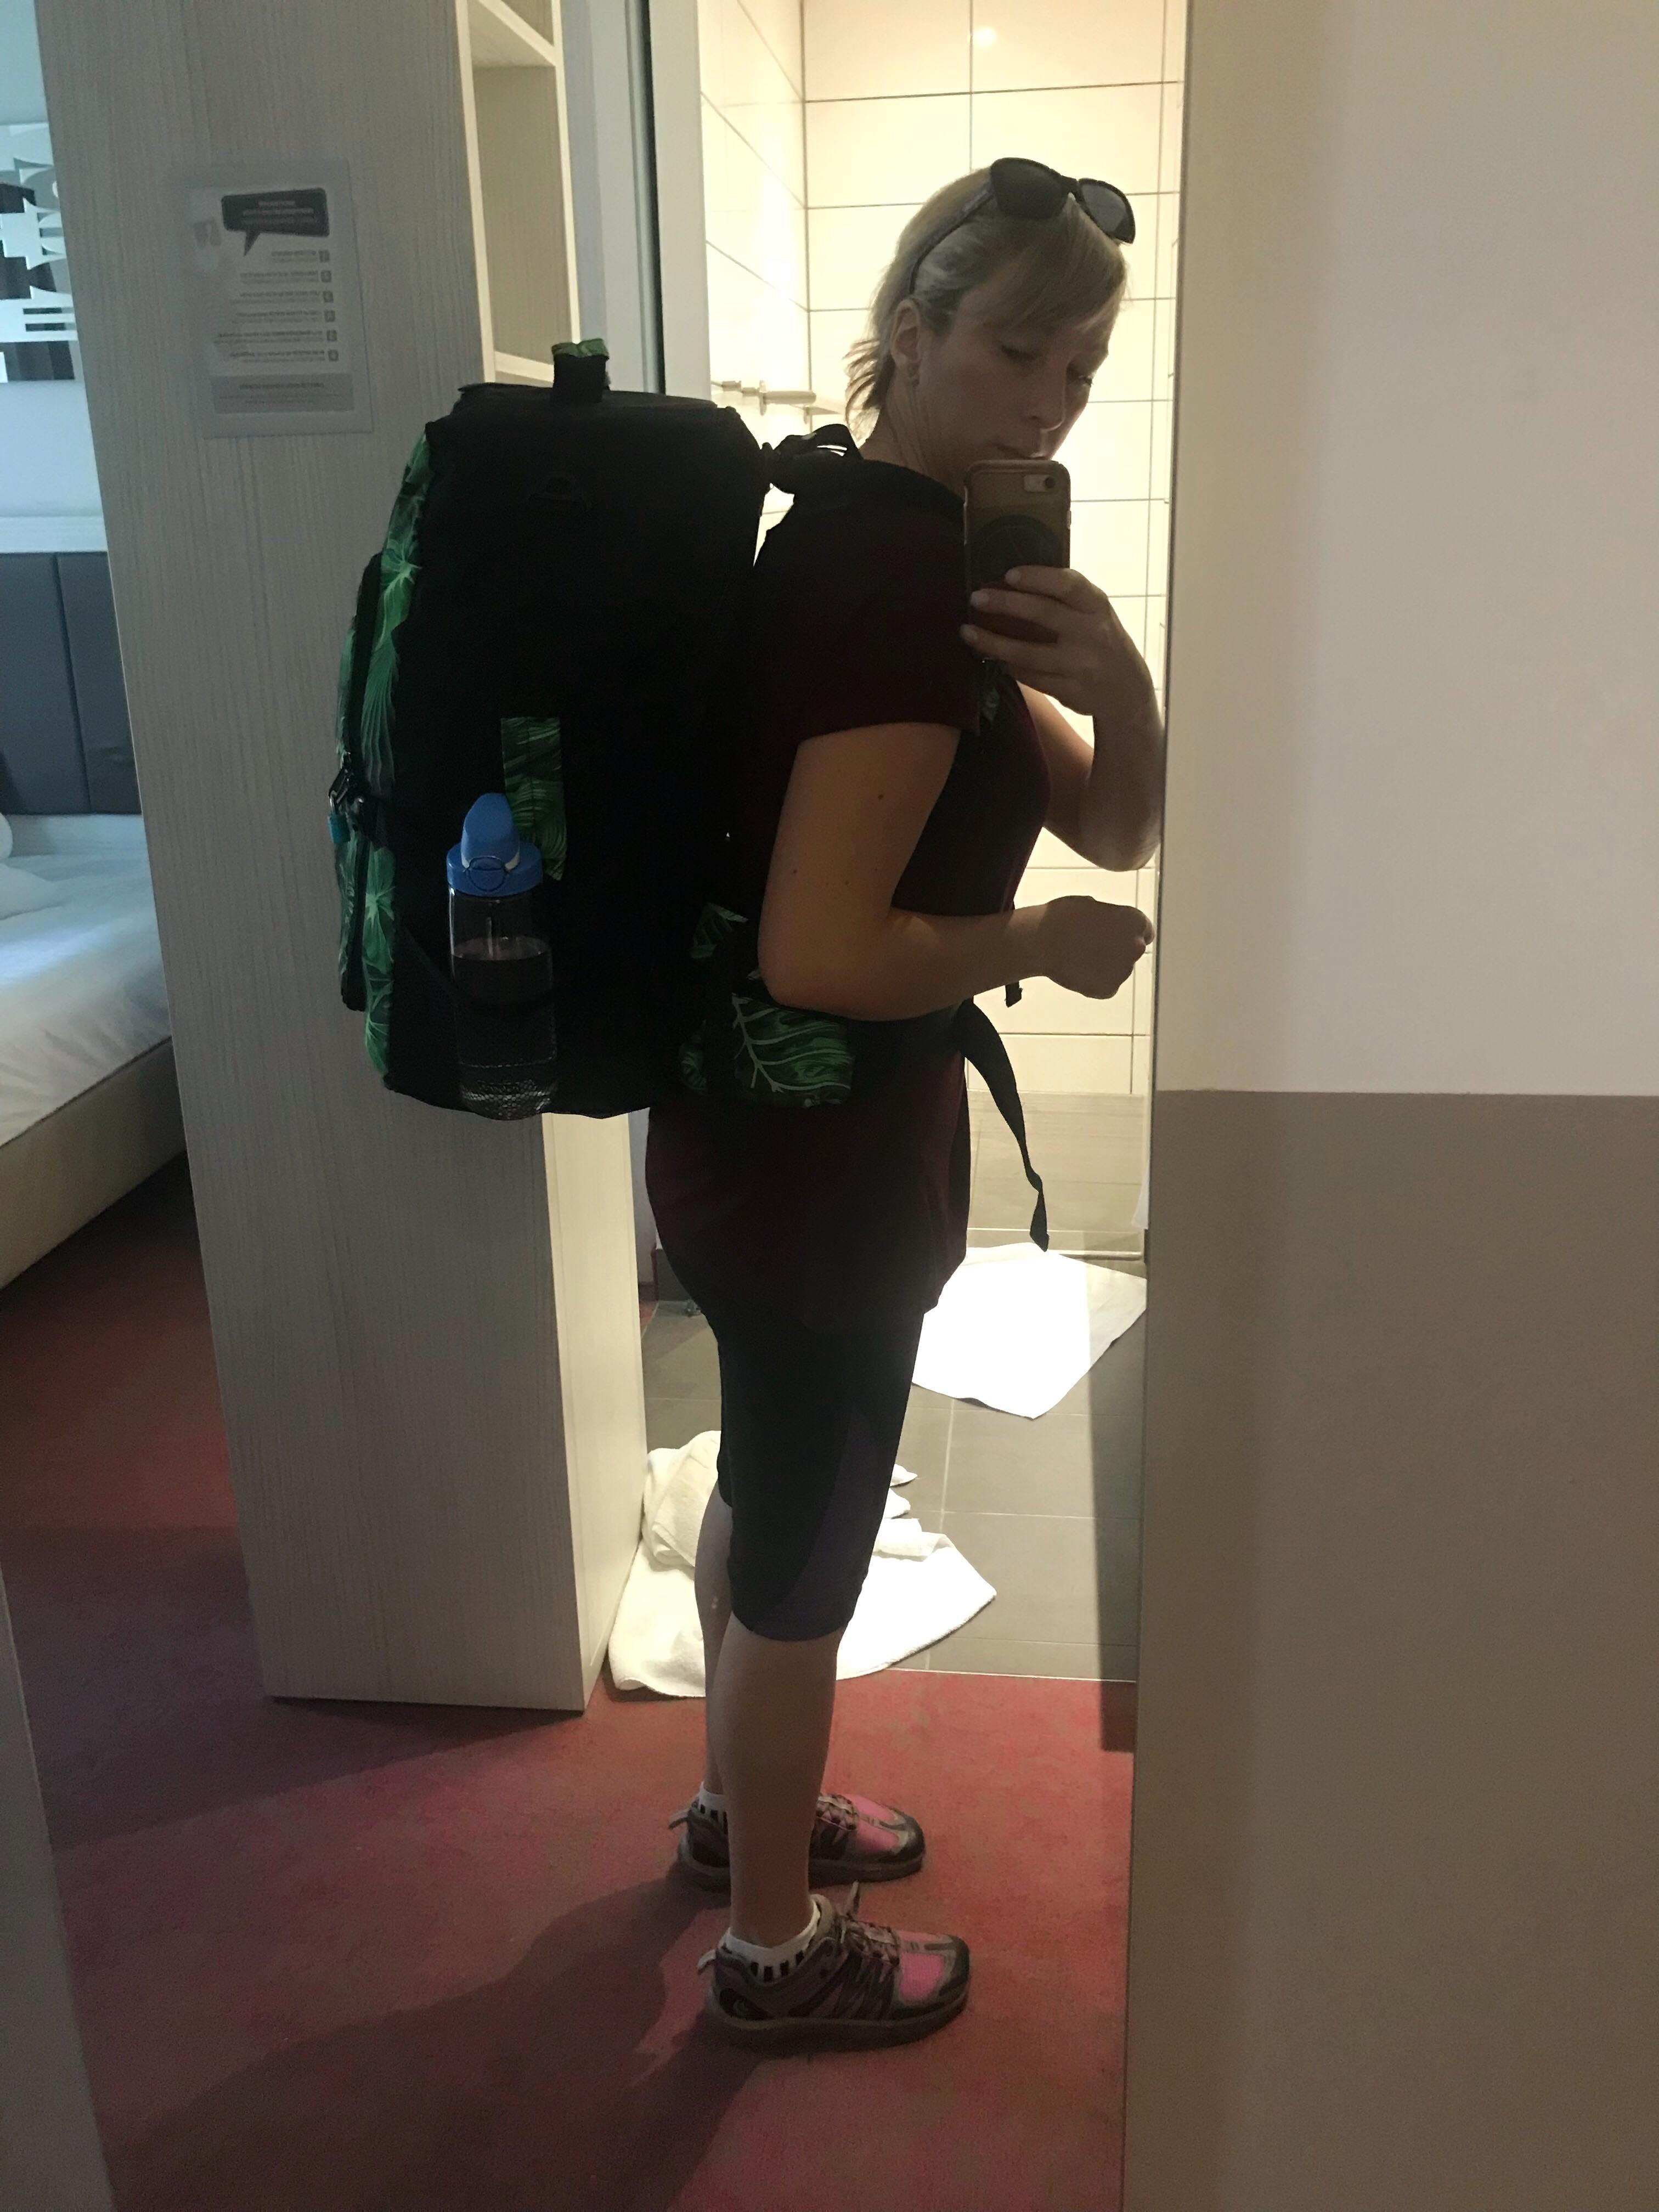 Elephant stripes bag fits me like a glove